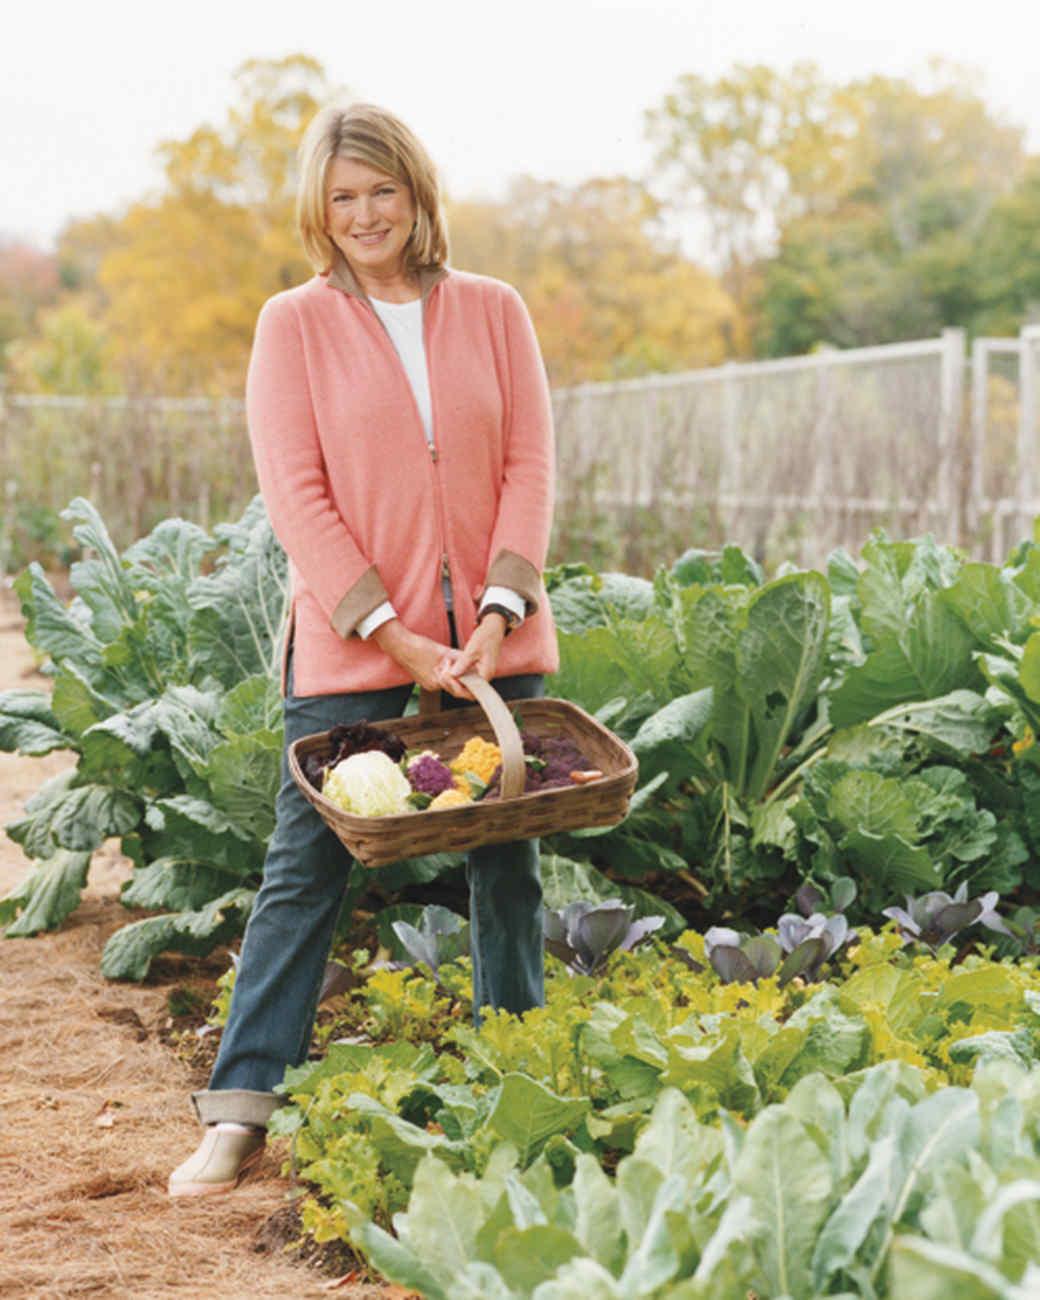 A Tour of Martha's Vegetable Garden